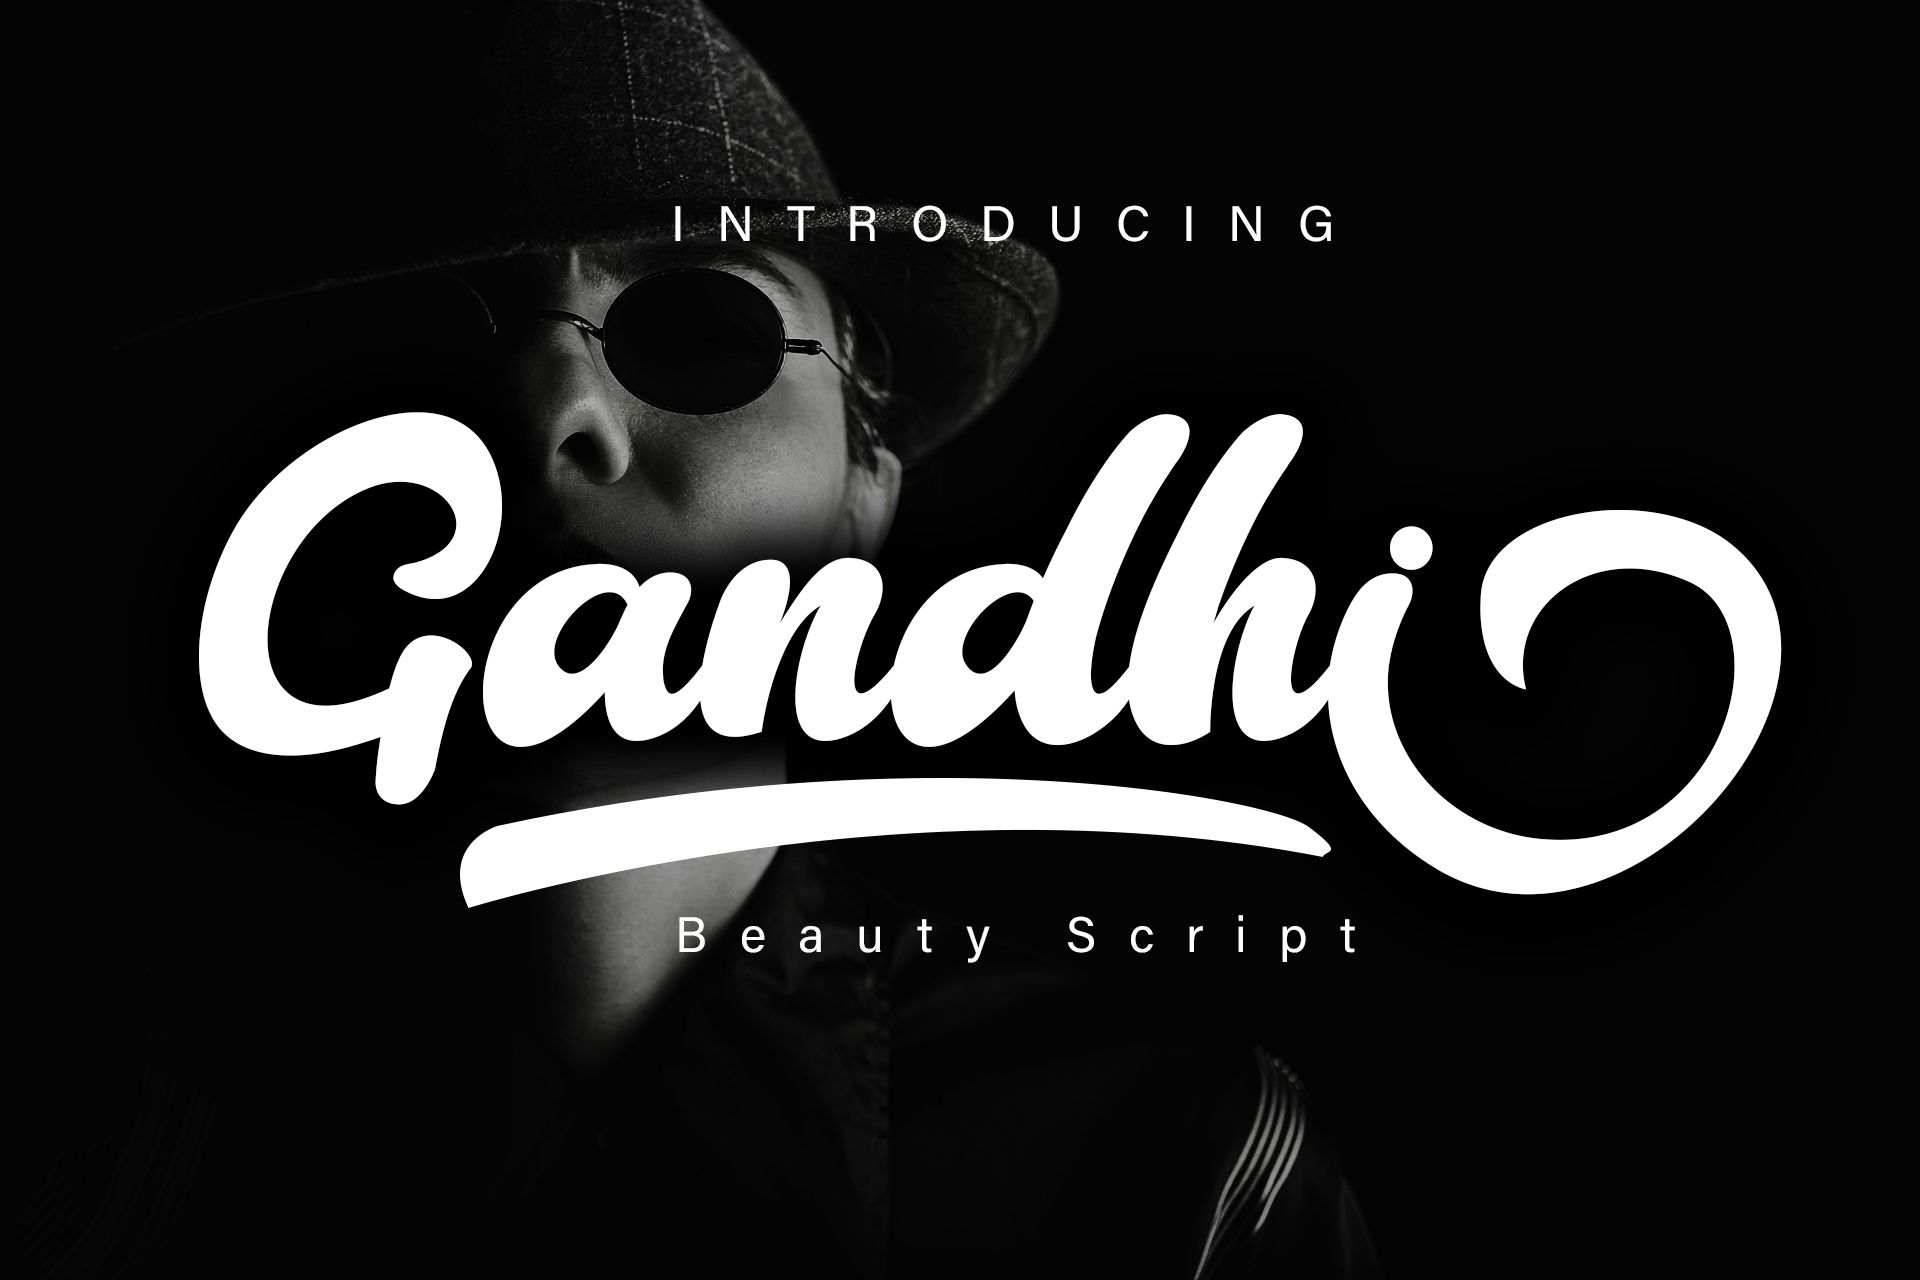 Gandhi Beauty Script example image 1